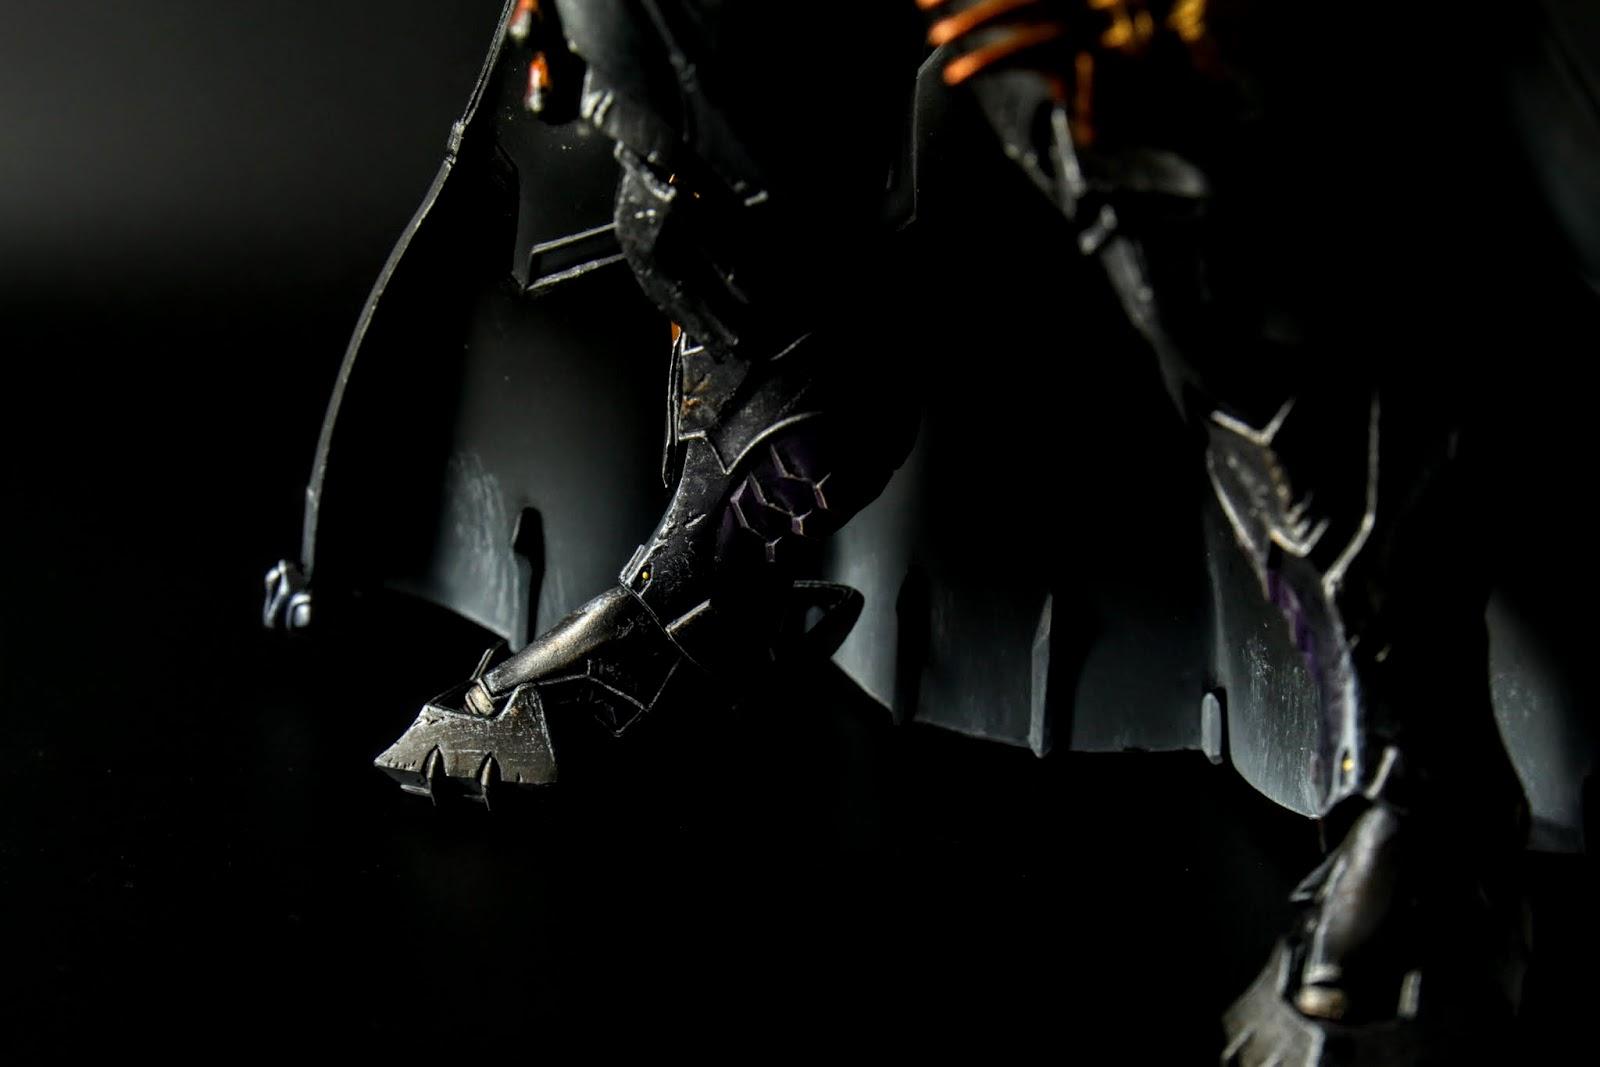 腳的鎧甲很有中古世紀歐洲騎士的味道